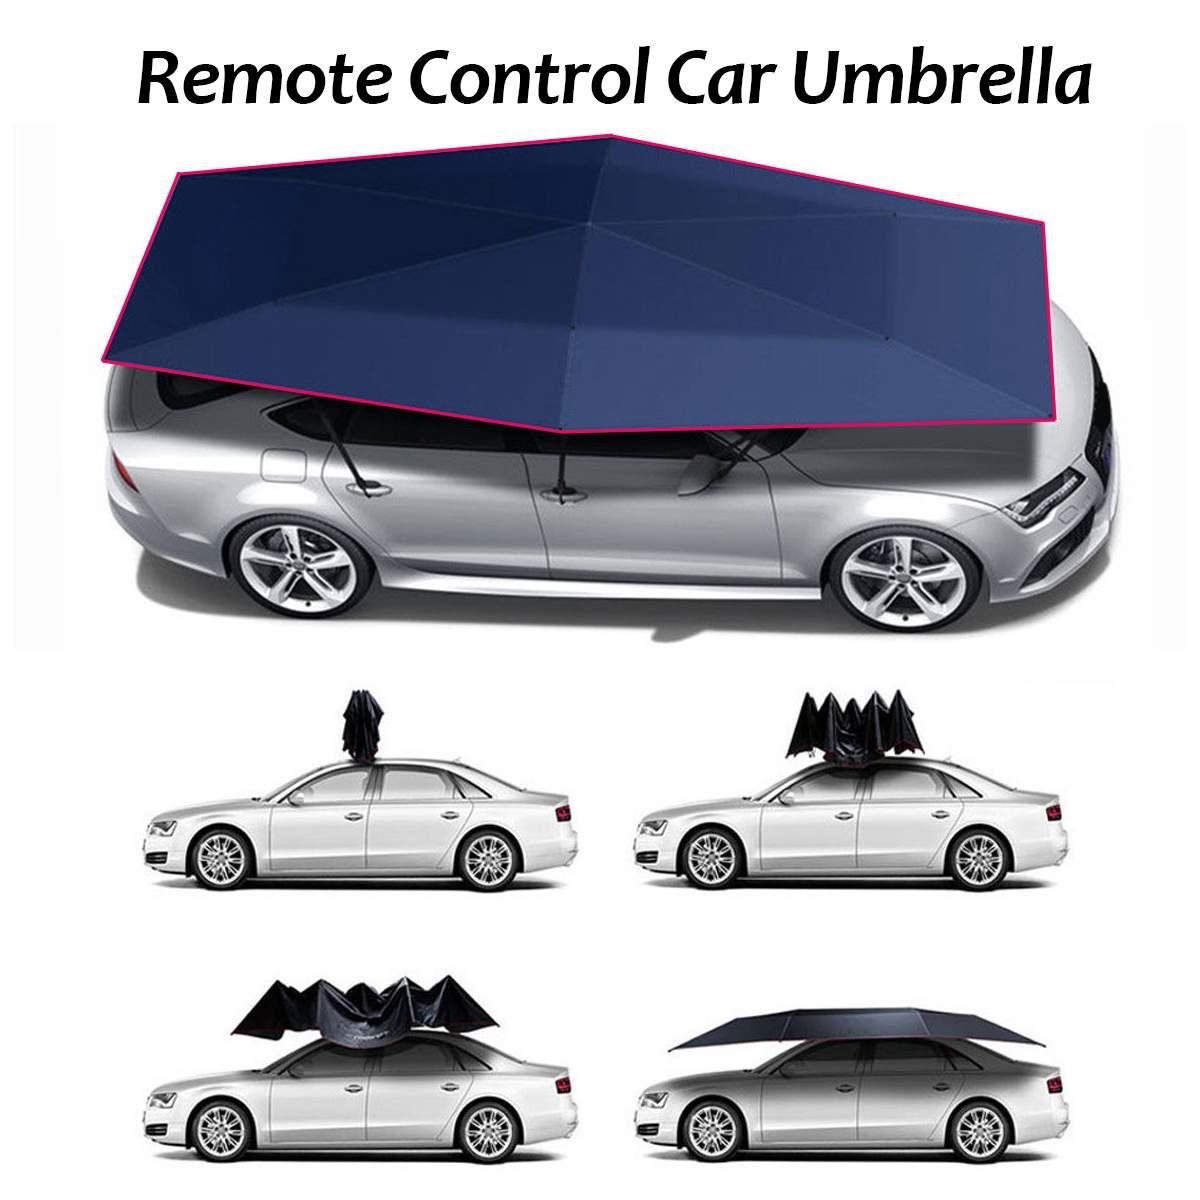 Bâche de voiture automatique tente Portable pliante parapluie toit parasol Protection solaire UV télécommande imperméable bâches de voiture tente